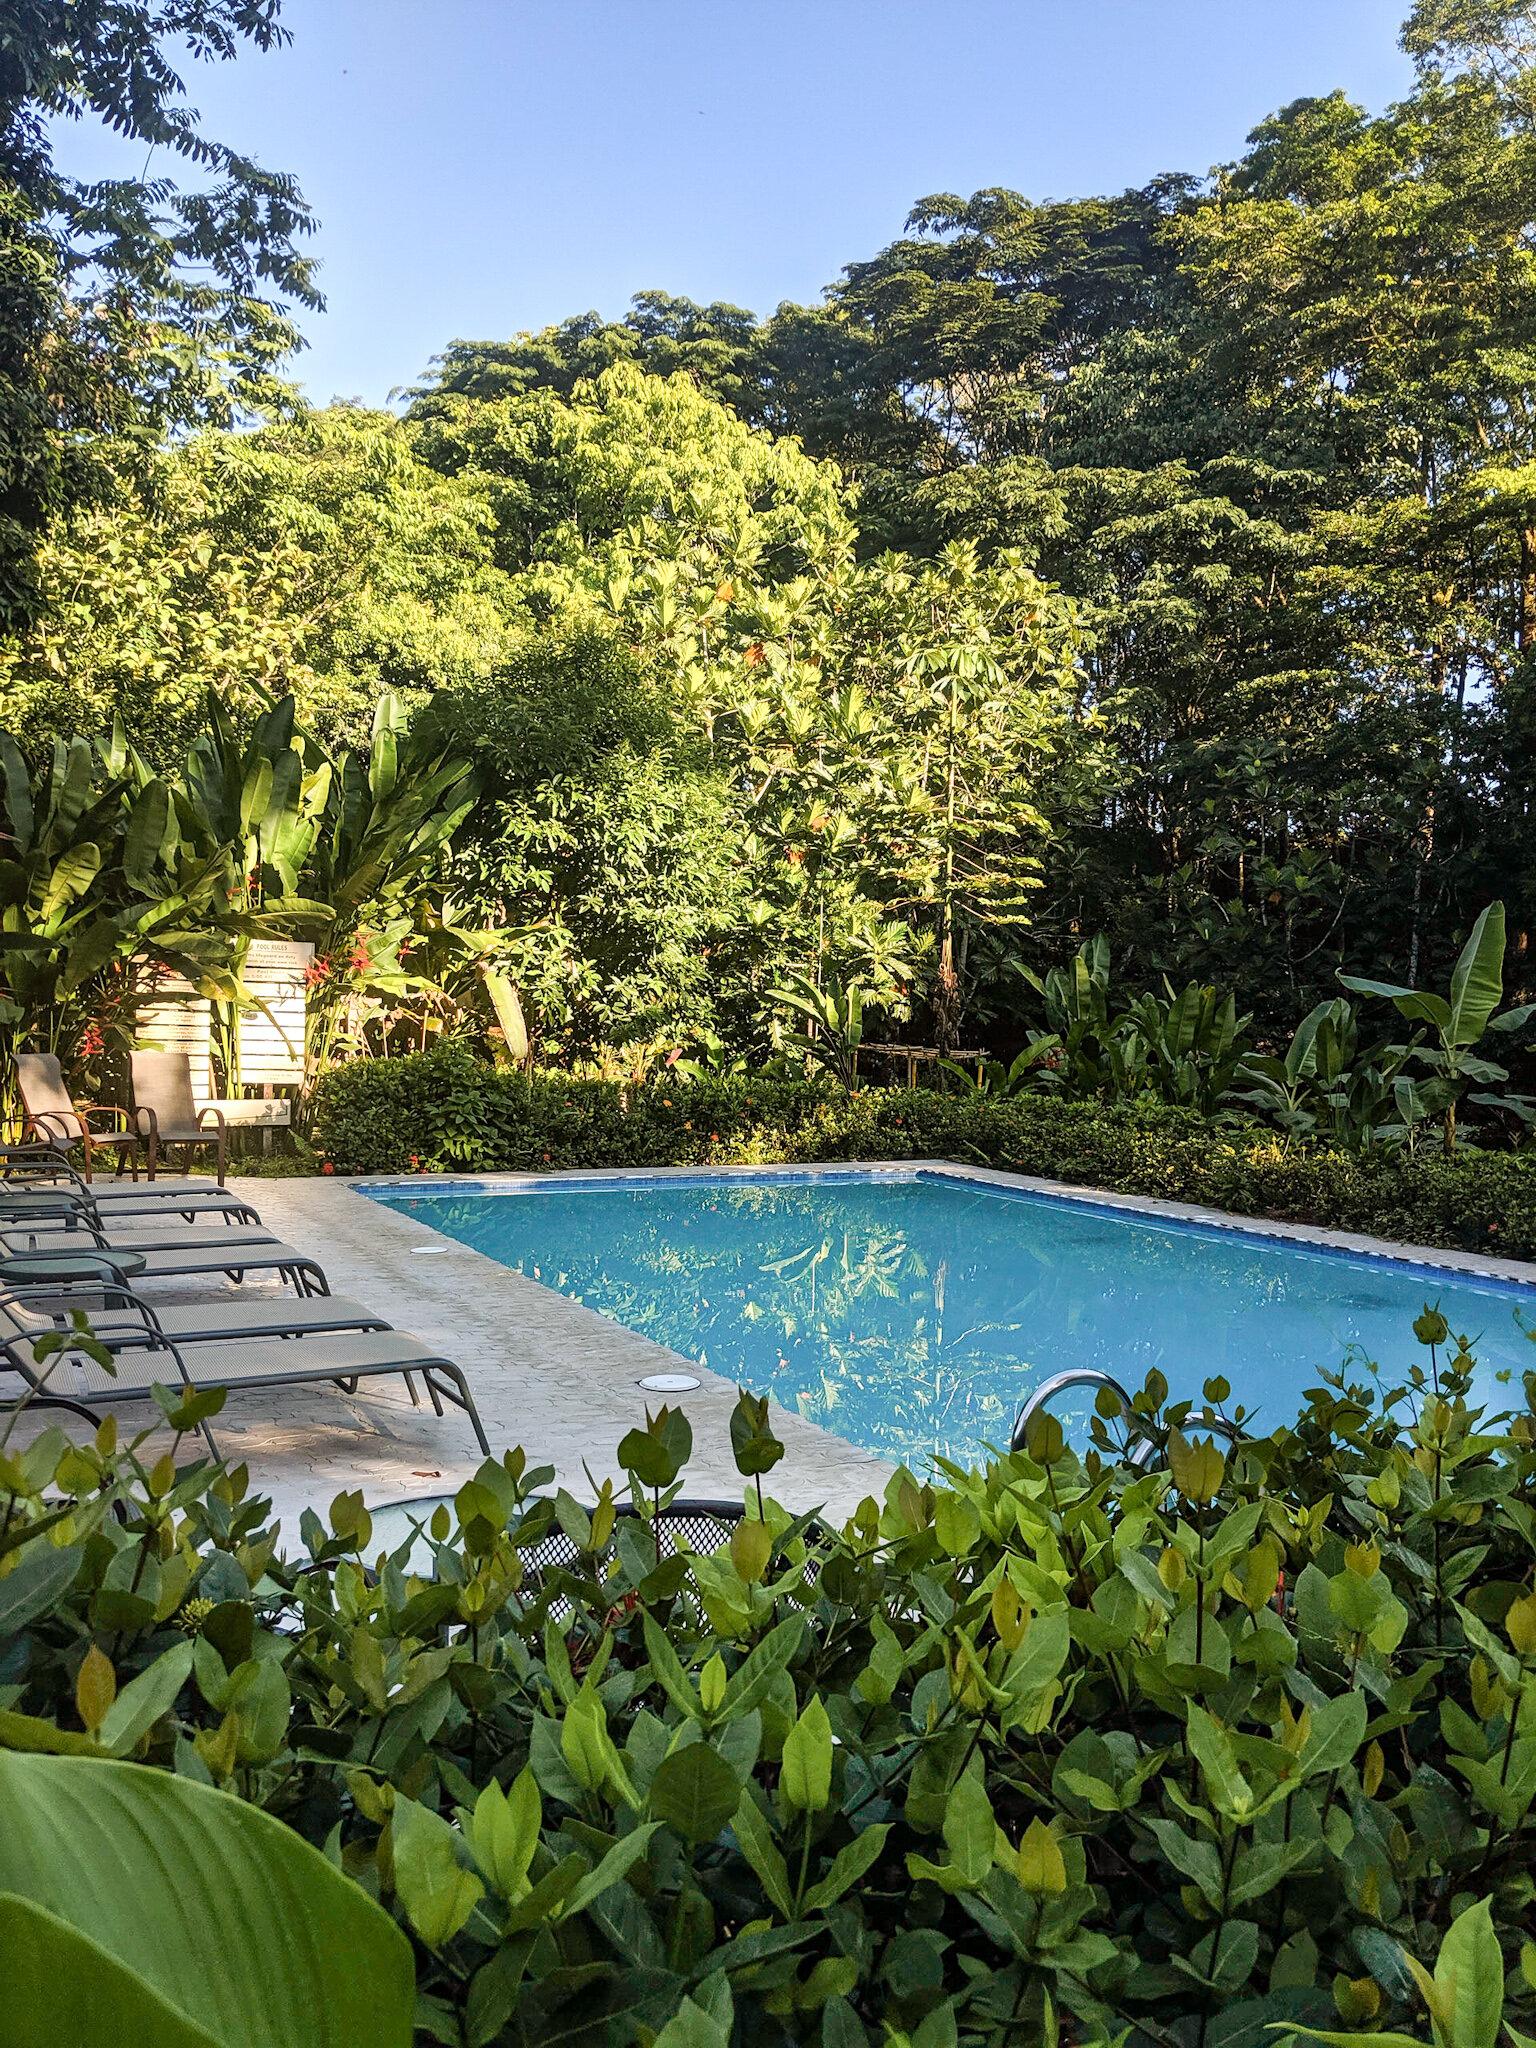 One of the two pools at  La Quinta de Sarapiquí .